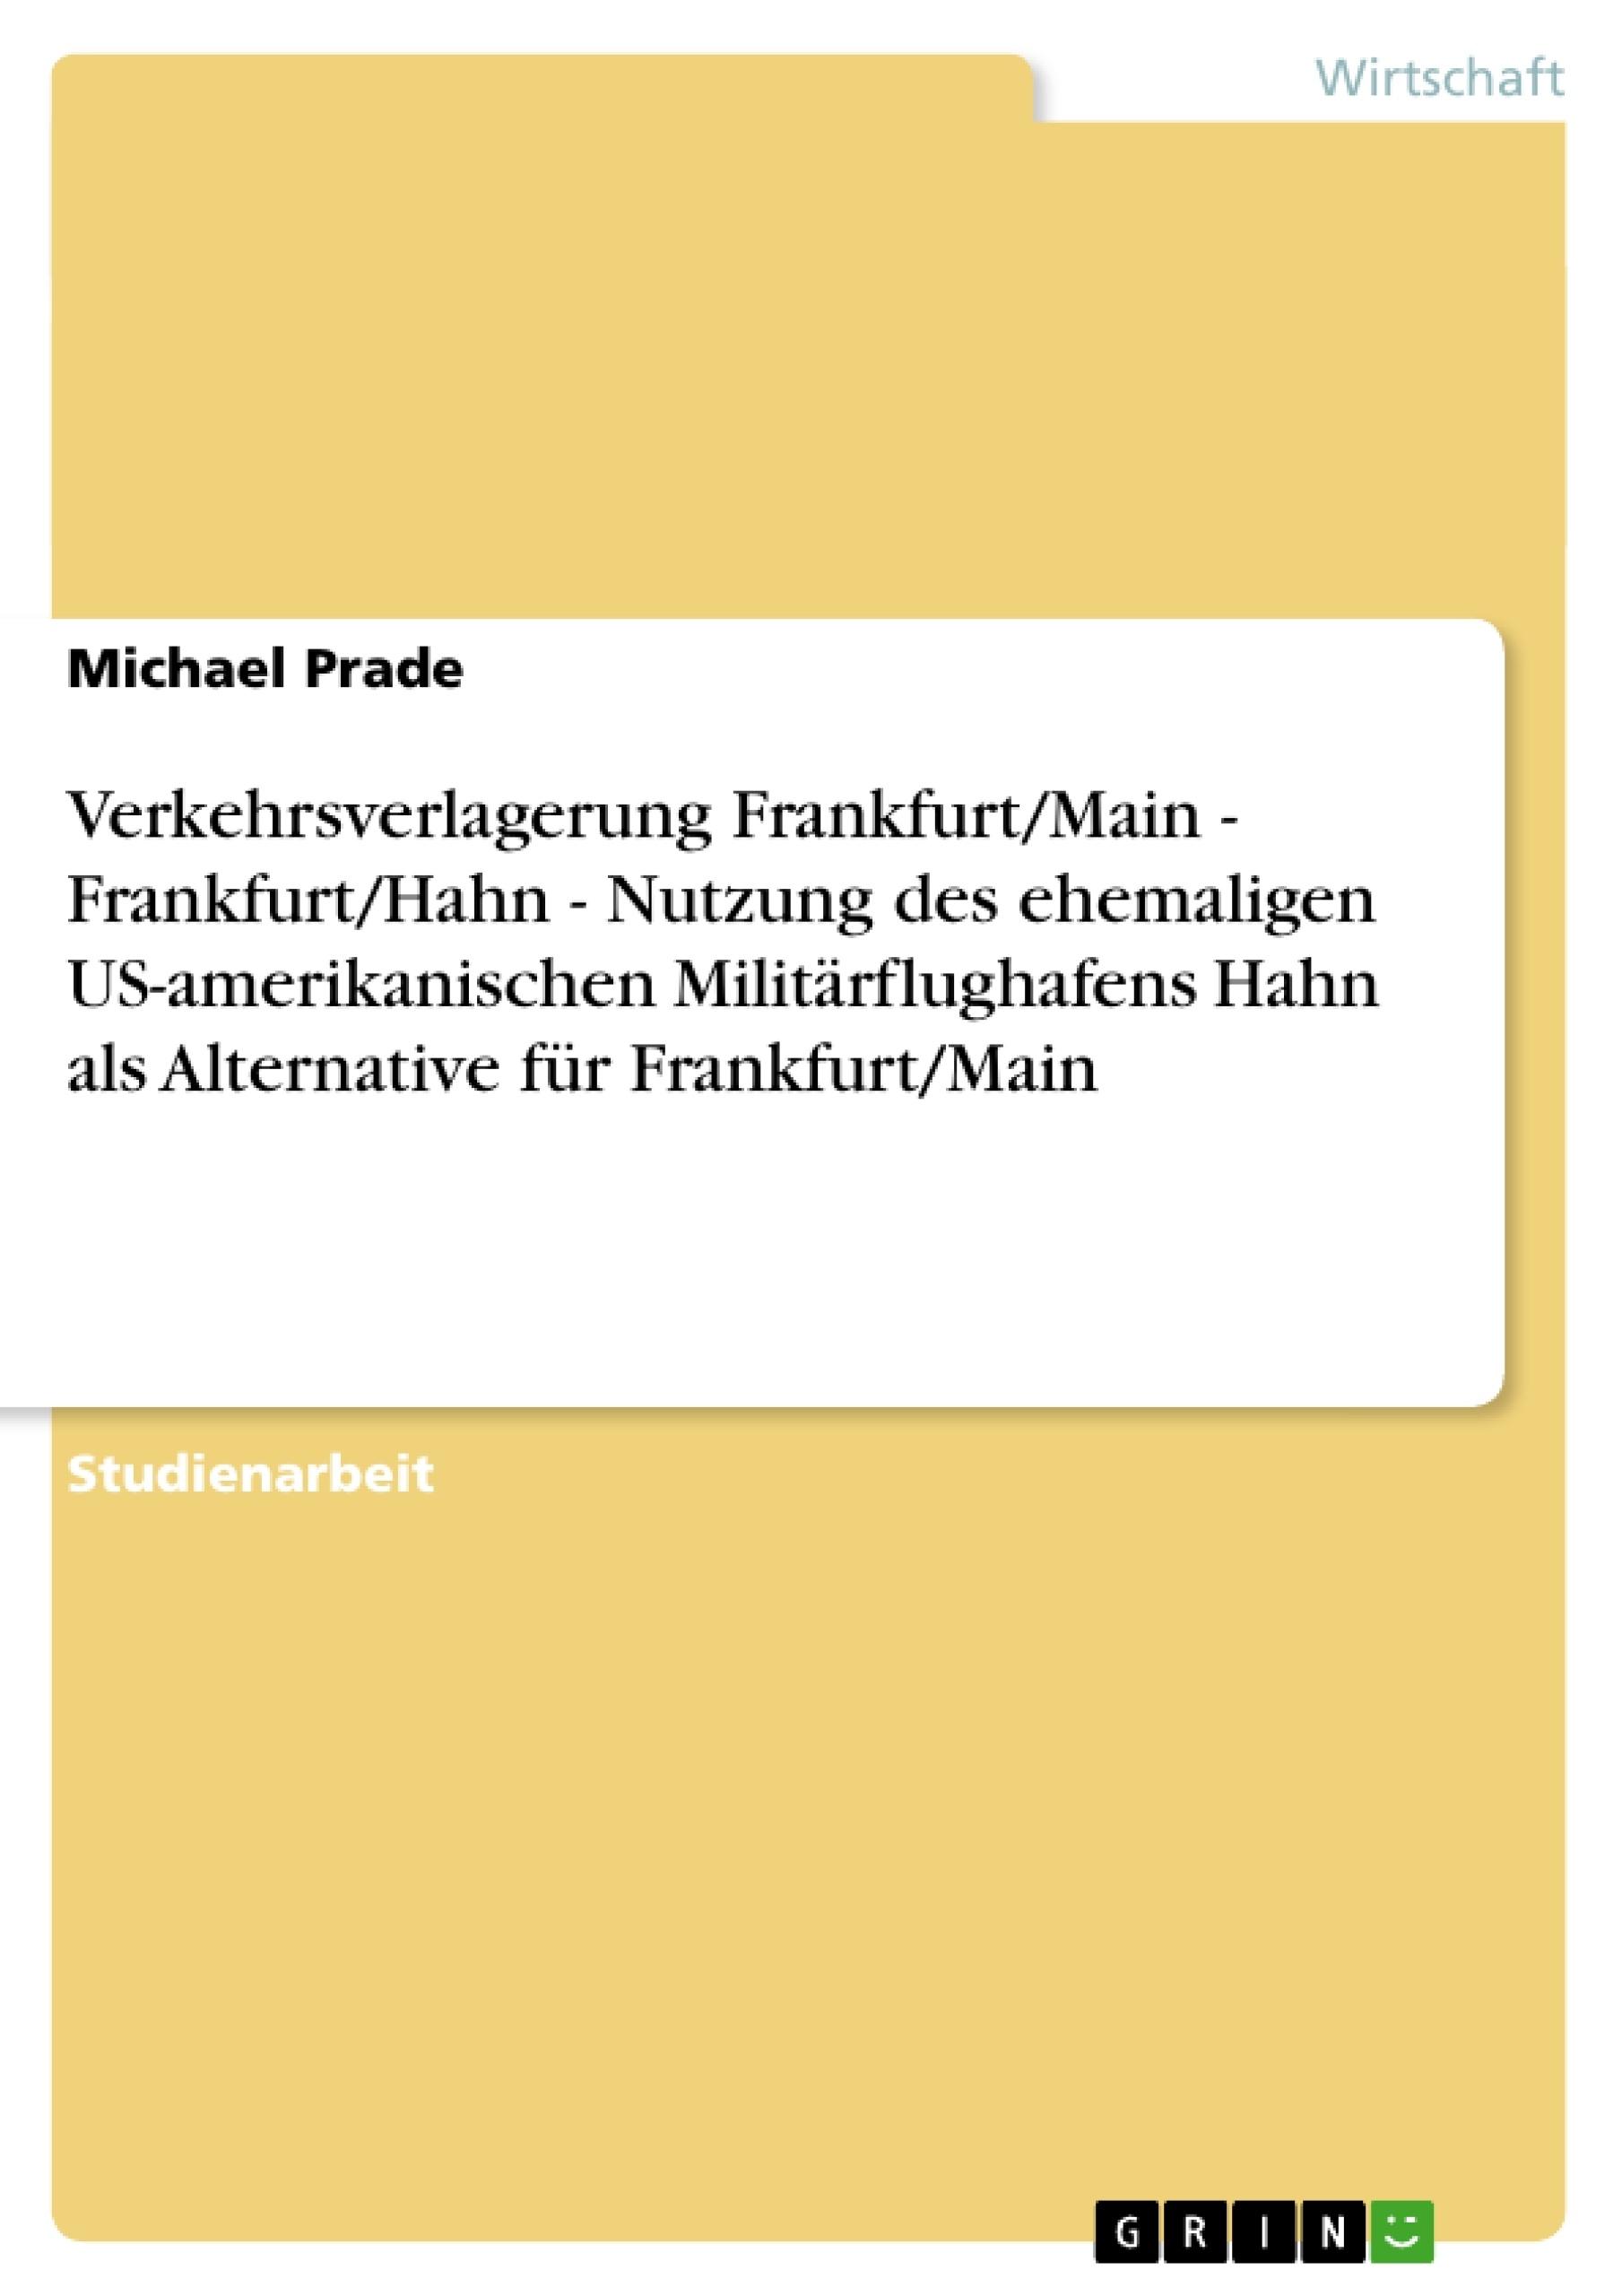 Titel: Verkehrsverlagerung Frankfurt/Main - Frankfurt/Hahn - Nutzung des ehemaligen US-amerikanischen Militärflughafens Hahn als Alternative für Frankfurt/Main